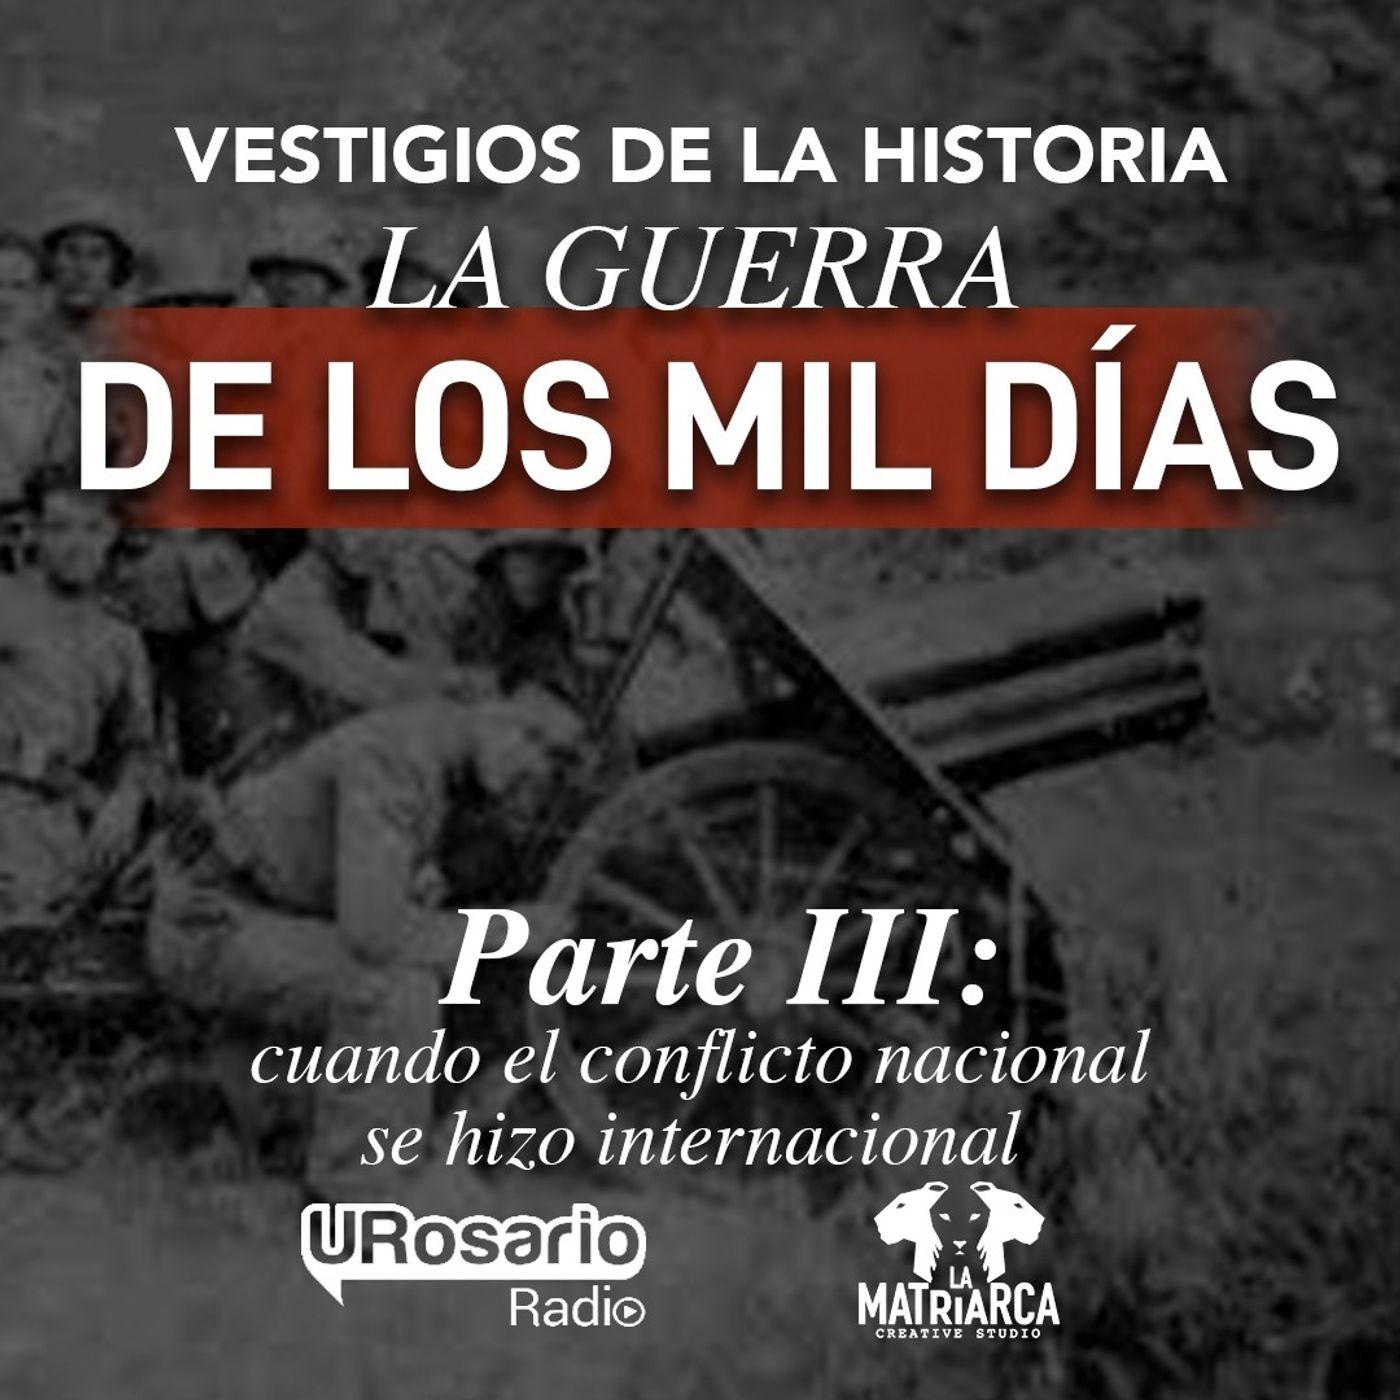 La Guerra de los Mil Días - Parte III: cuando el conflicto nacional se hizo internacional